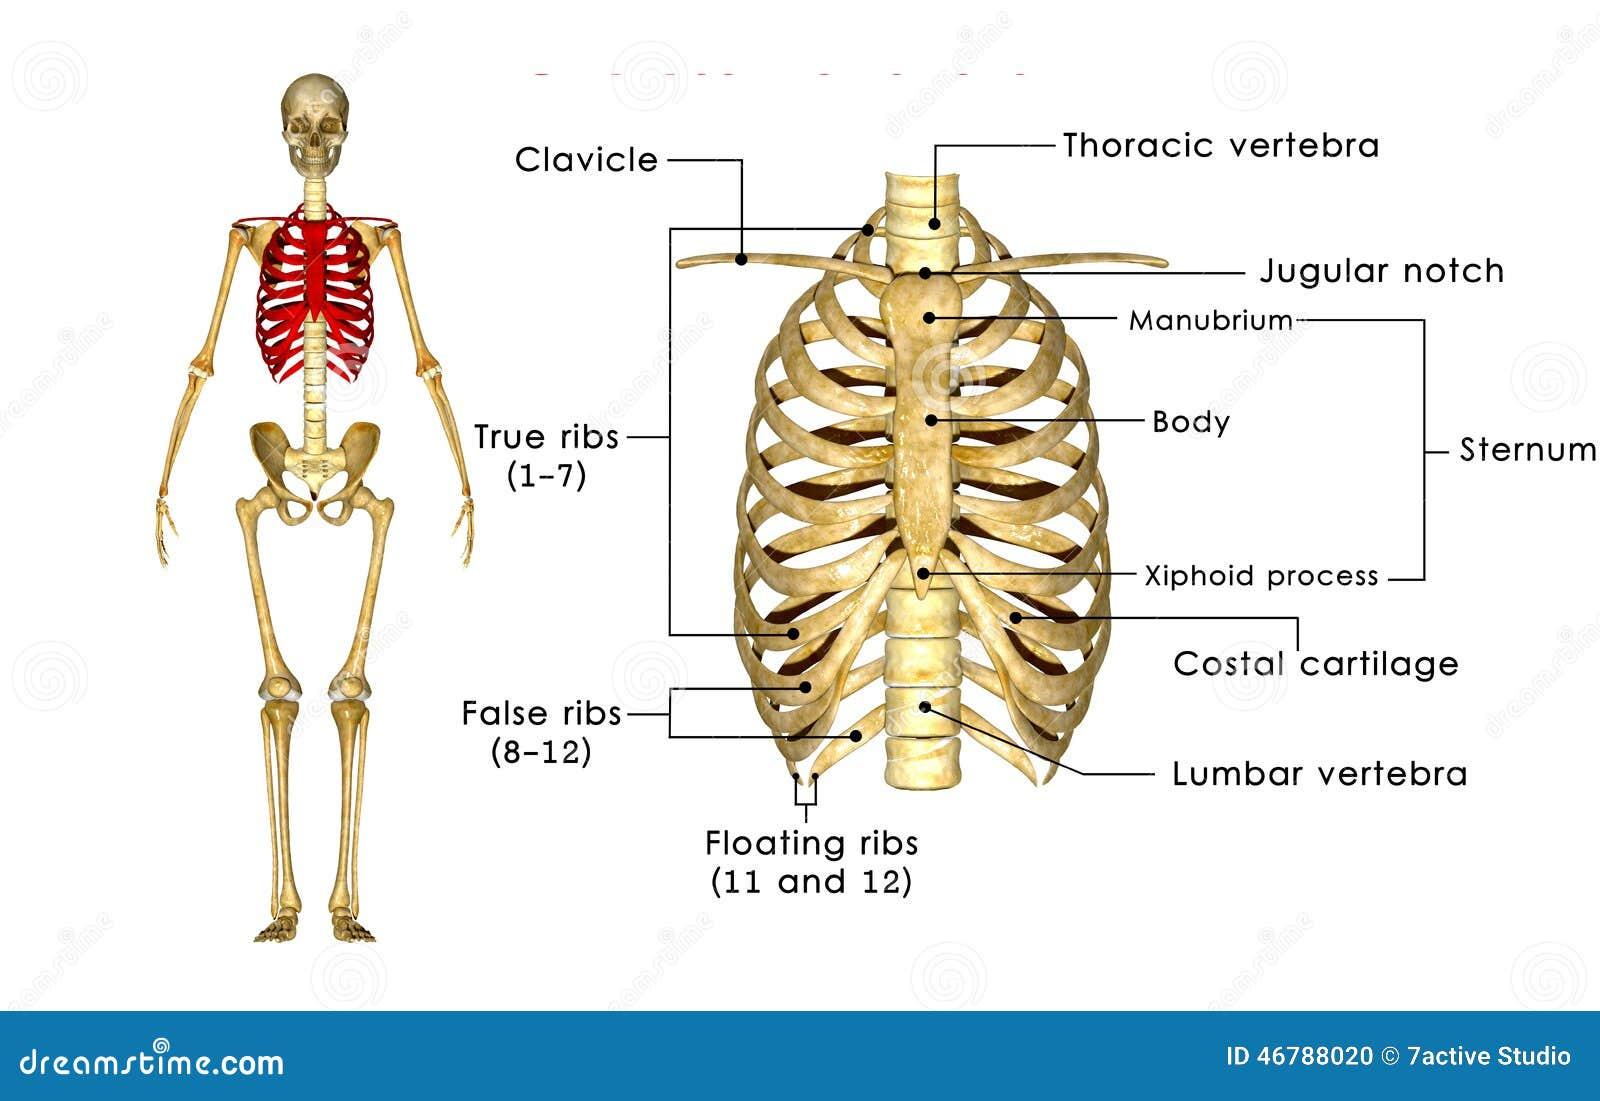 Tolle Brustkorb Anatomie Fotos - Menschliche Anatomie Bilder ...